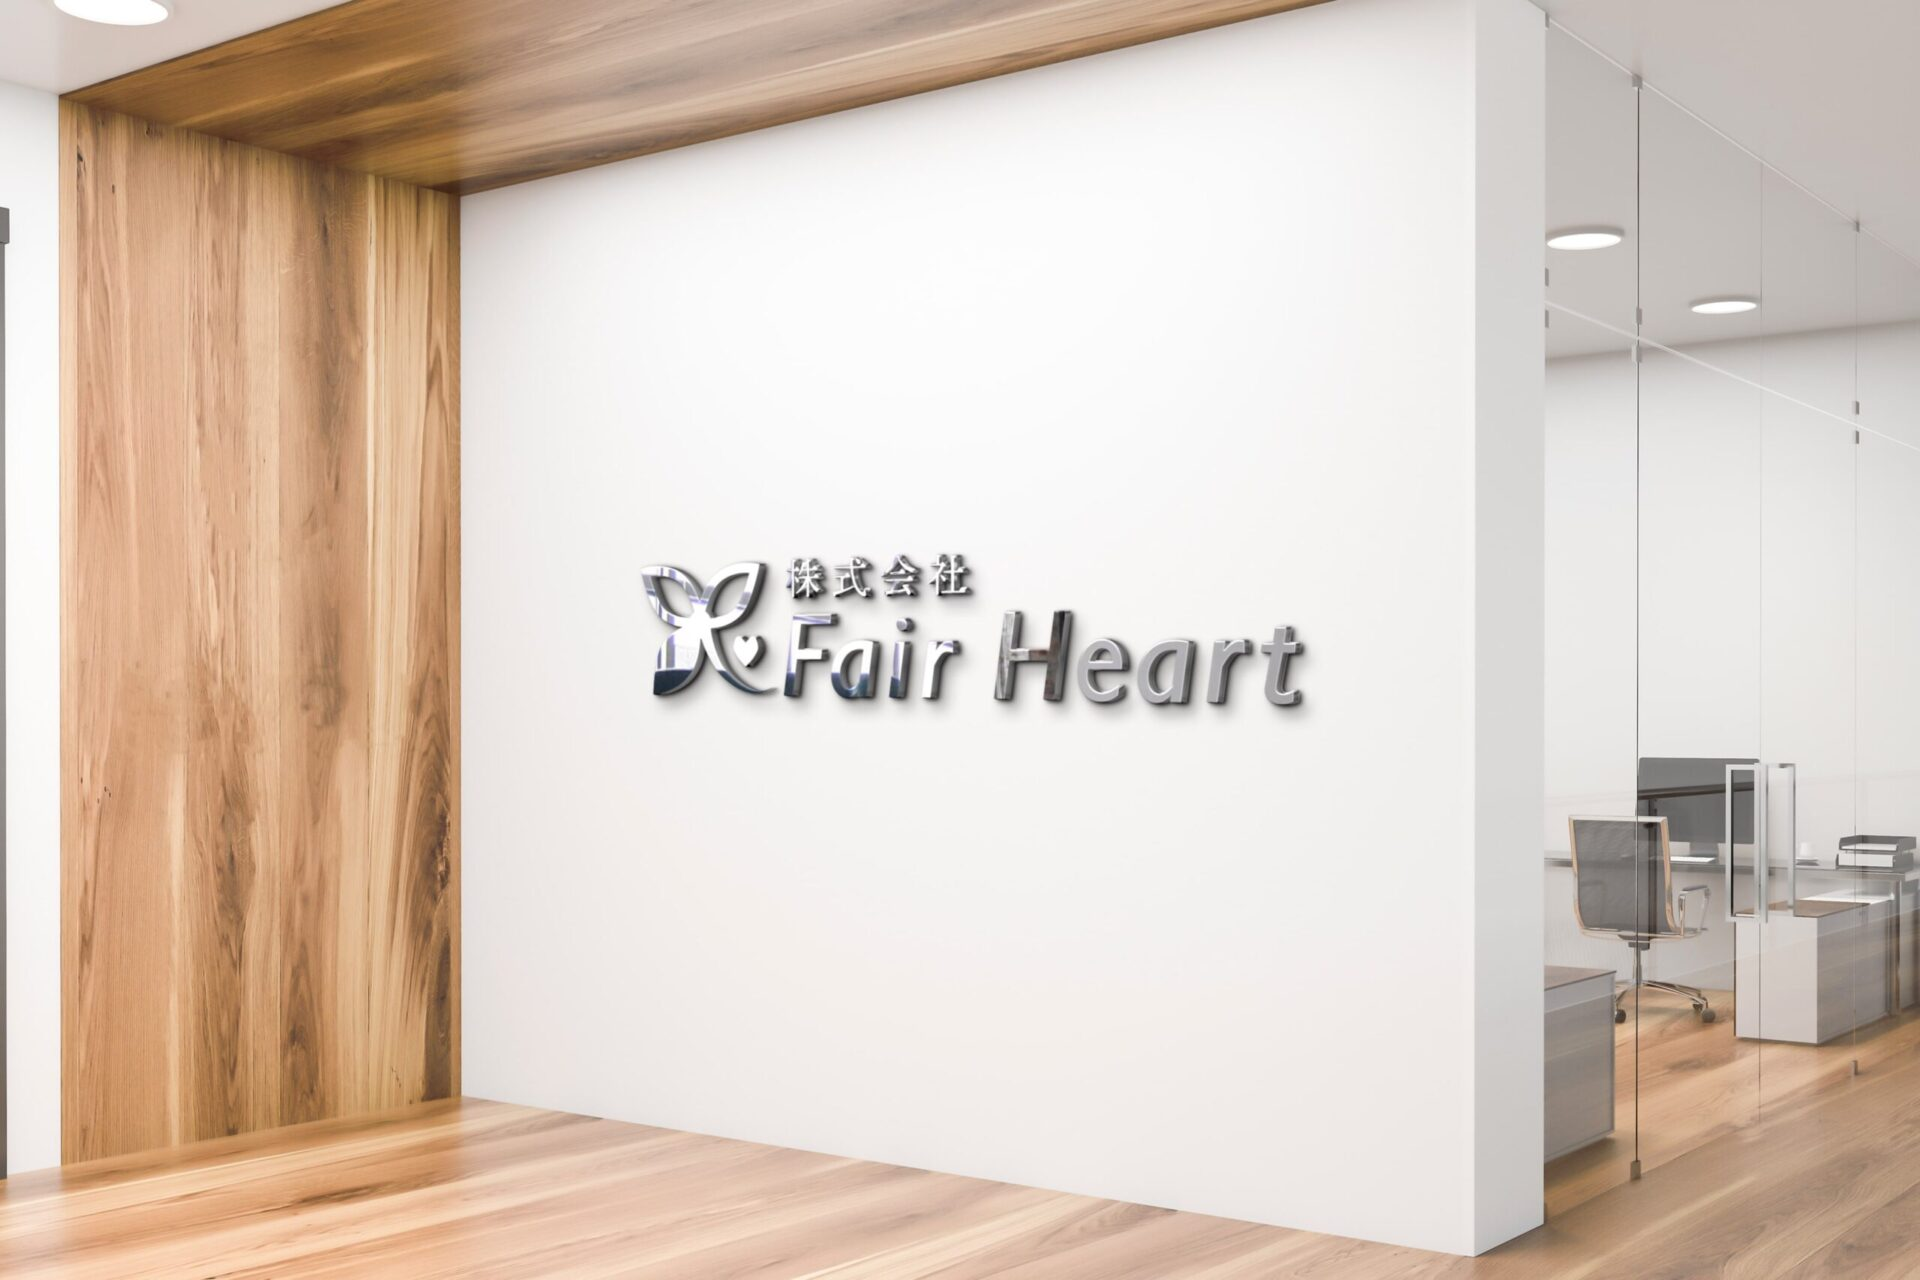 株式会社Fair Heart様のロゴデザイン